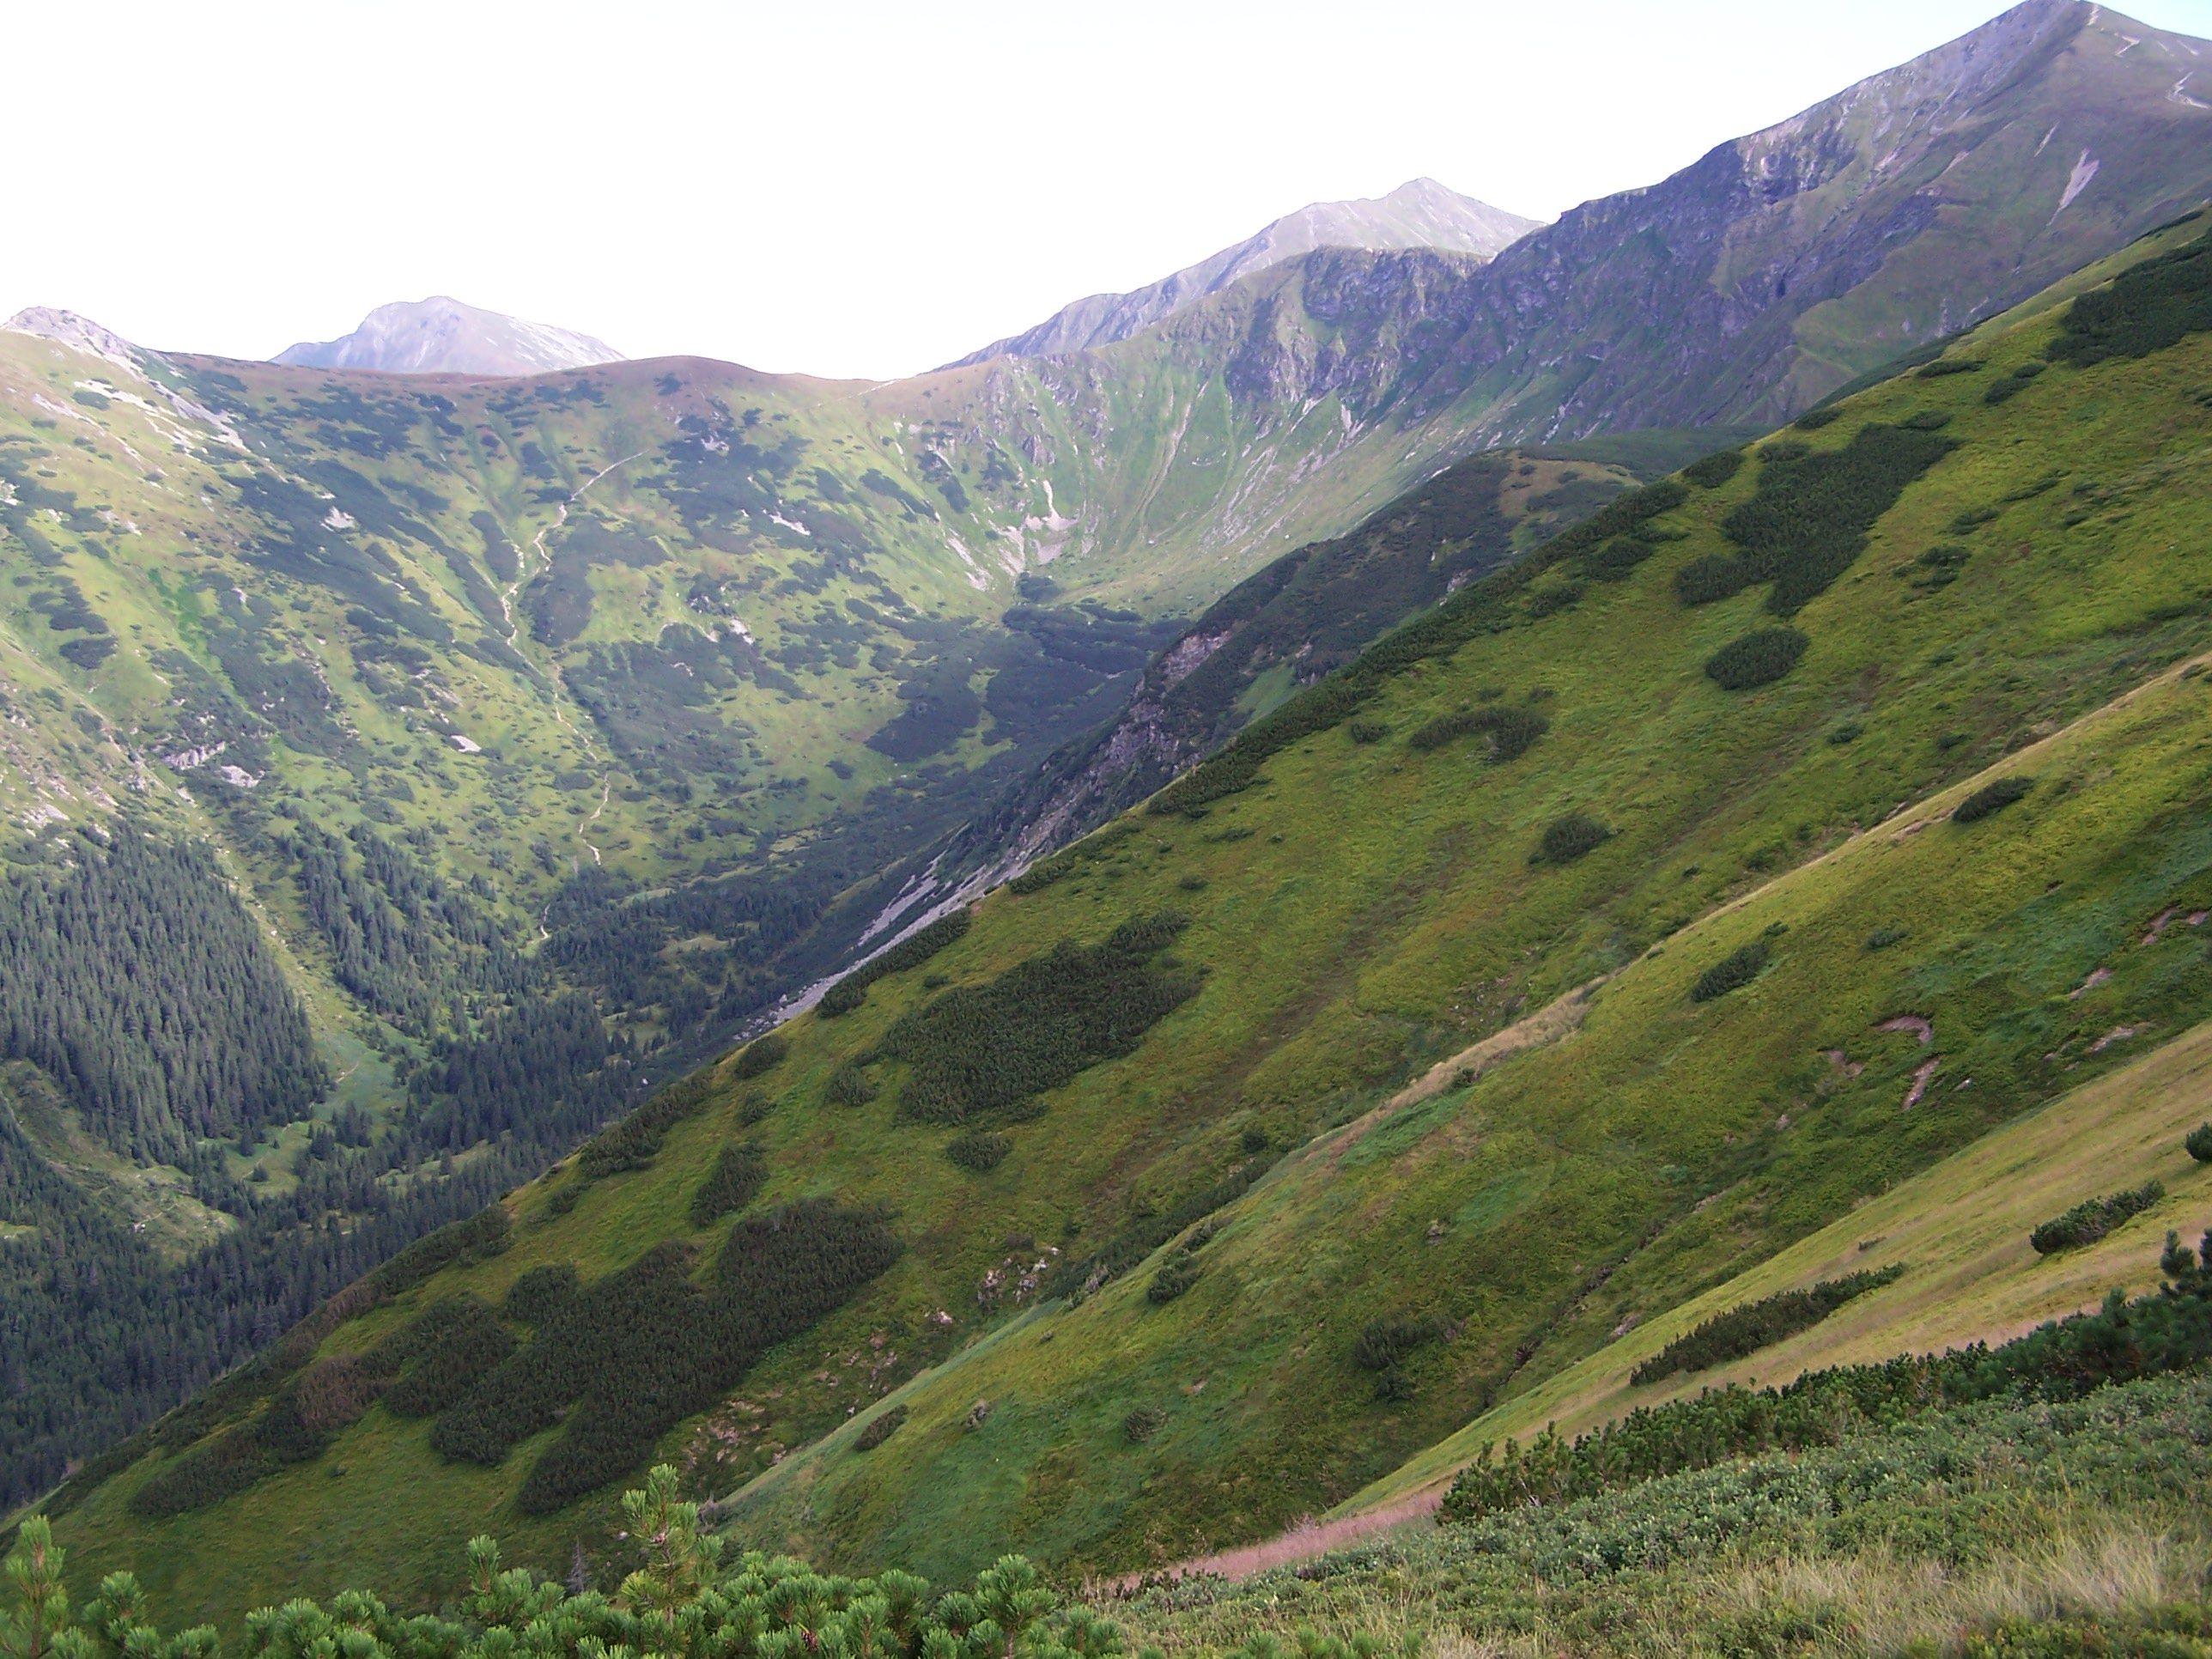 Górne partie Doliny Starorobociańskiej i szlak na Siwą Przełęcz, fot. Jerzy Opioła, źródło: Wikimedia, GNU